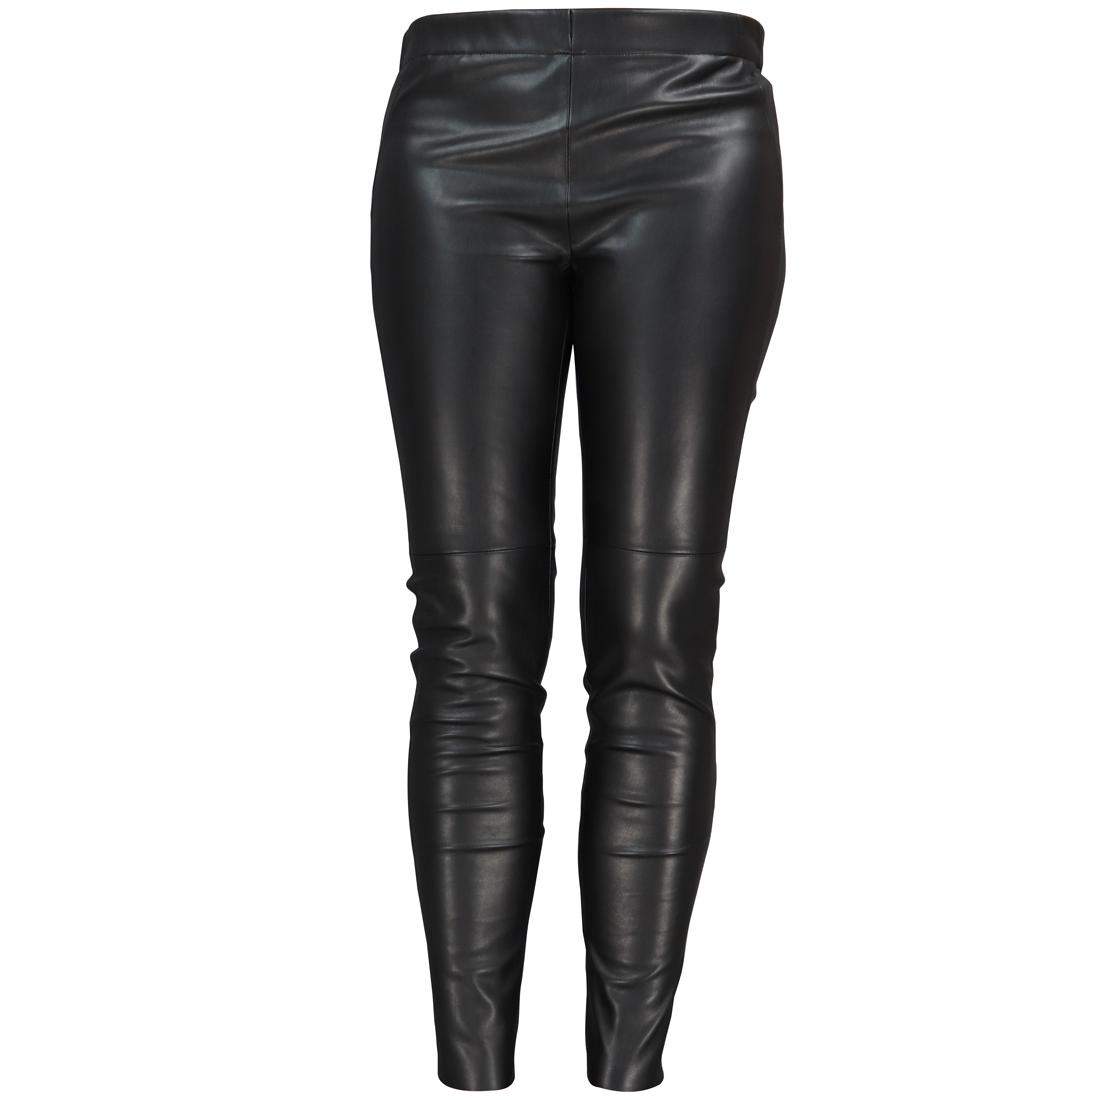 Image of Zerres broek 7403-650-leggy in het Zwart